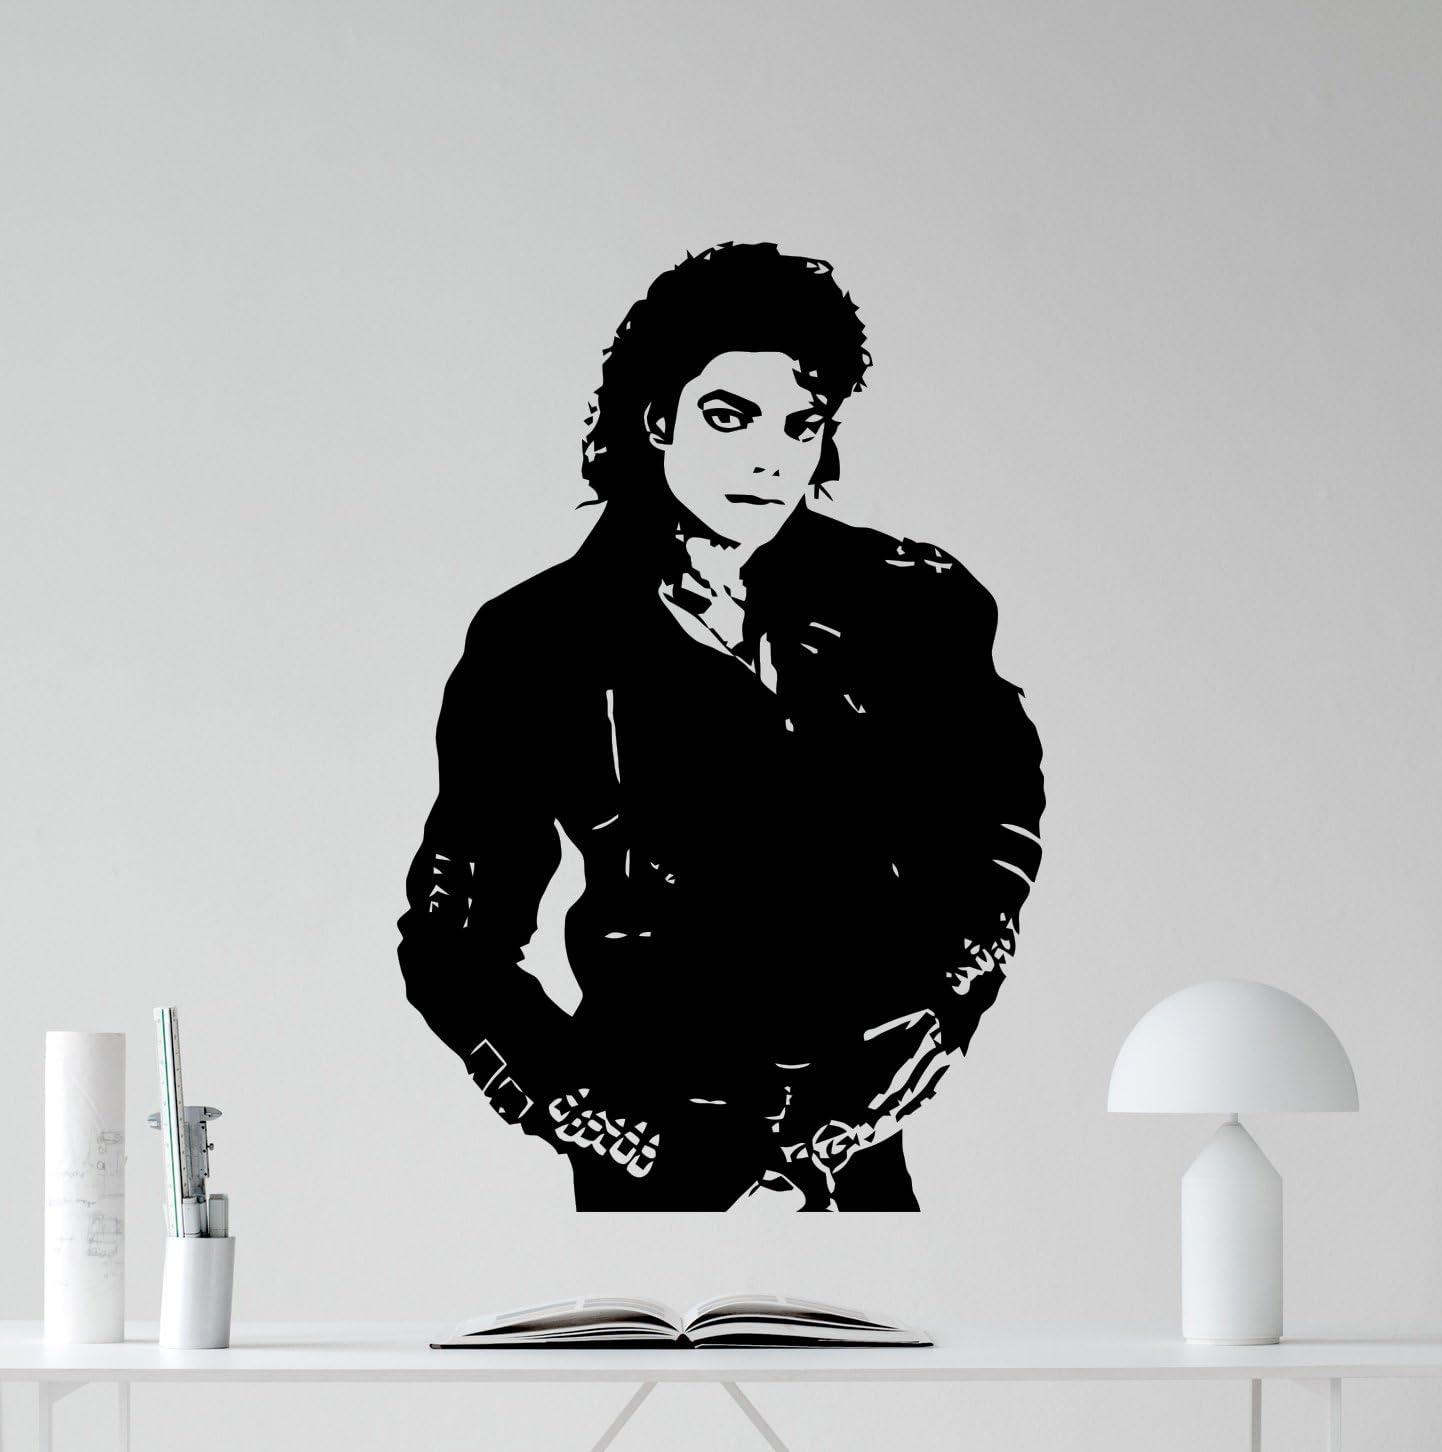 MICHAEL JACKSON Vinyl Wall art sticker decal mural music